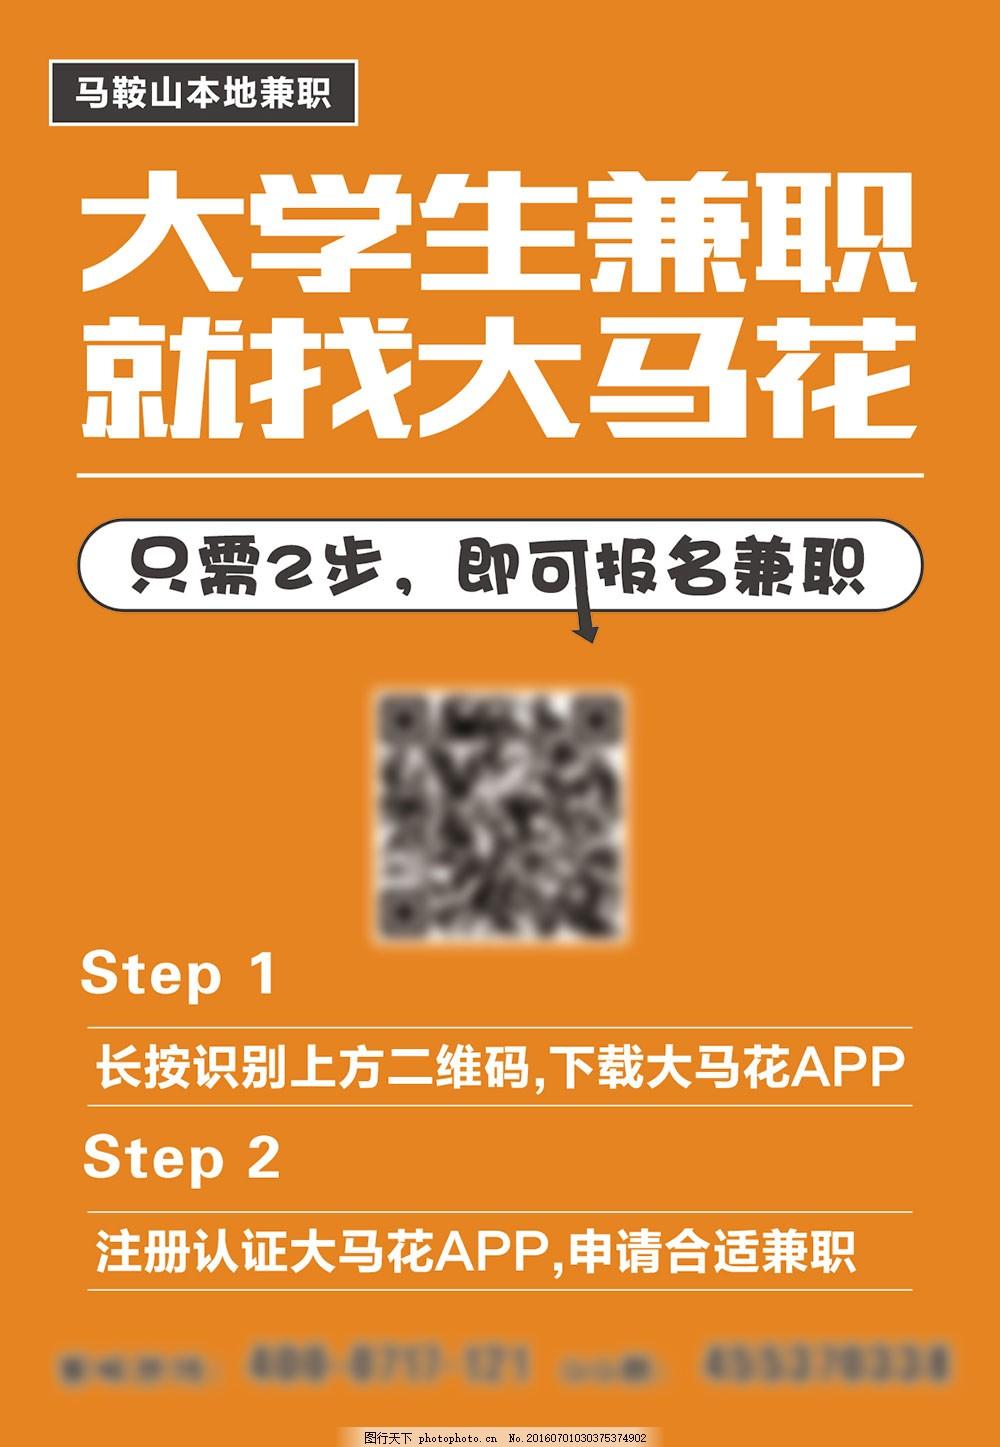 兼职 求职 招聘 大学生 二维码 大马花 简单 宣传单页 海报 边框 手机